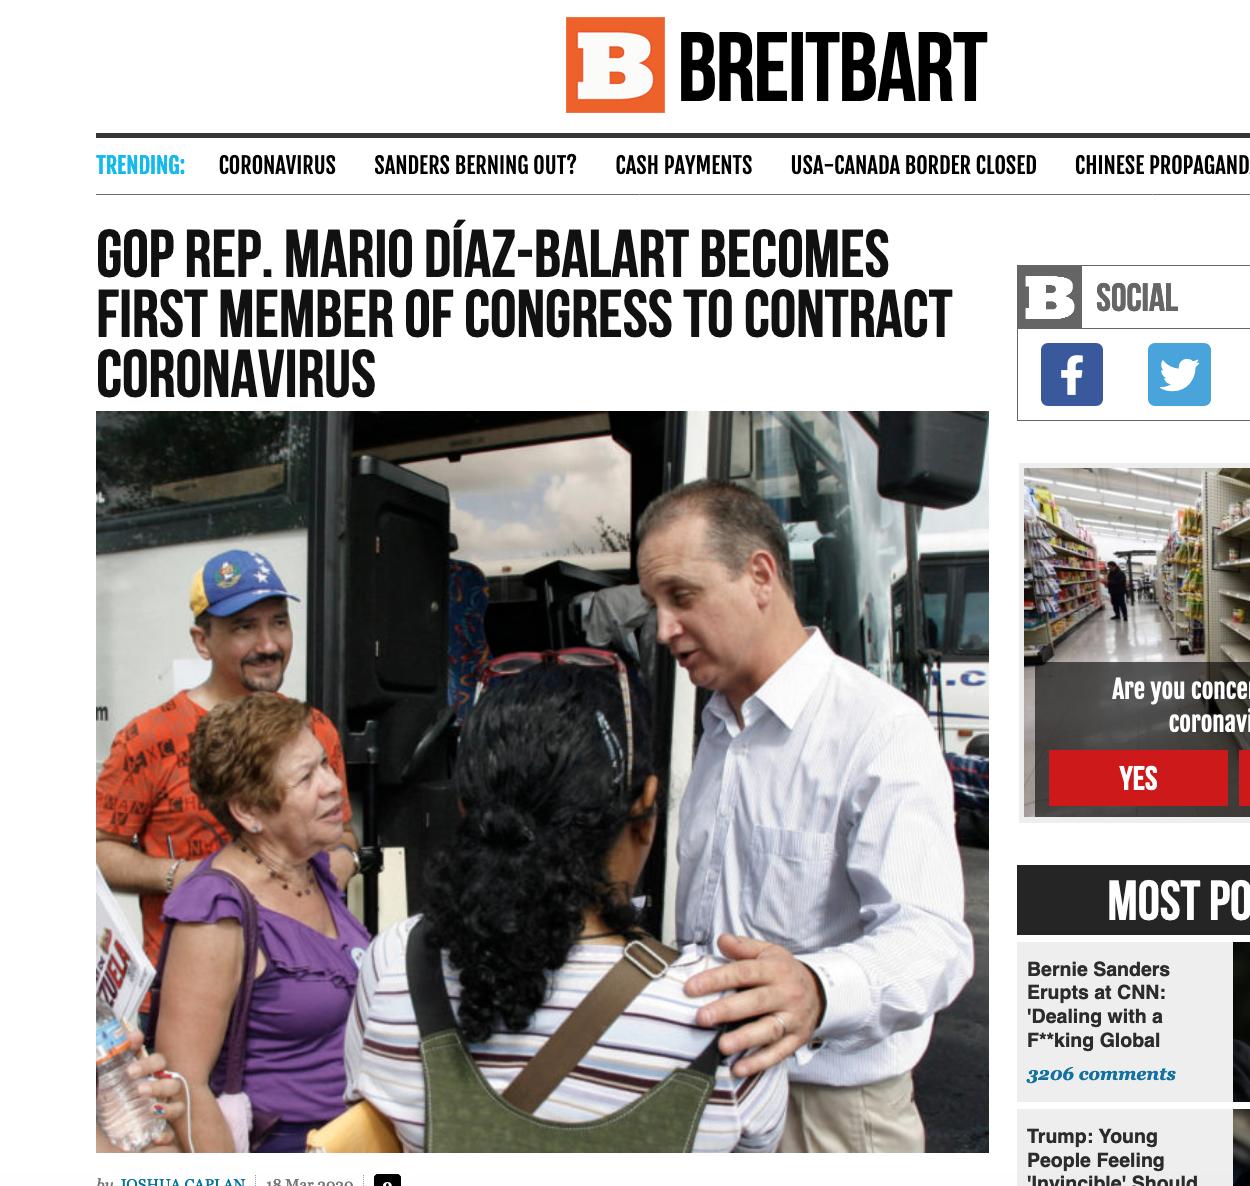 美国首位确诊国会议员马里奥·巴拉特个人资料背景